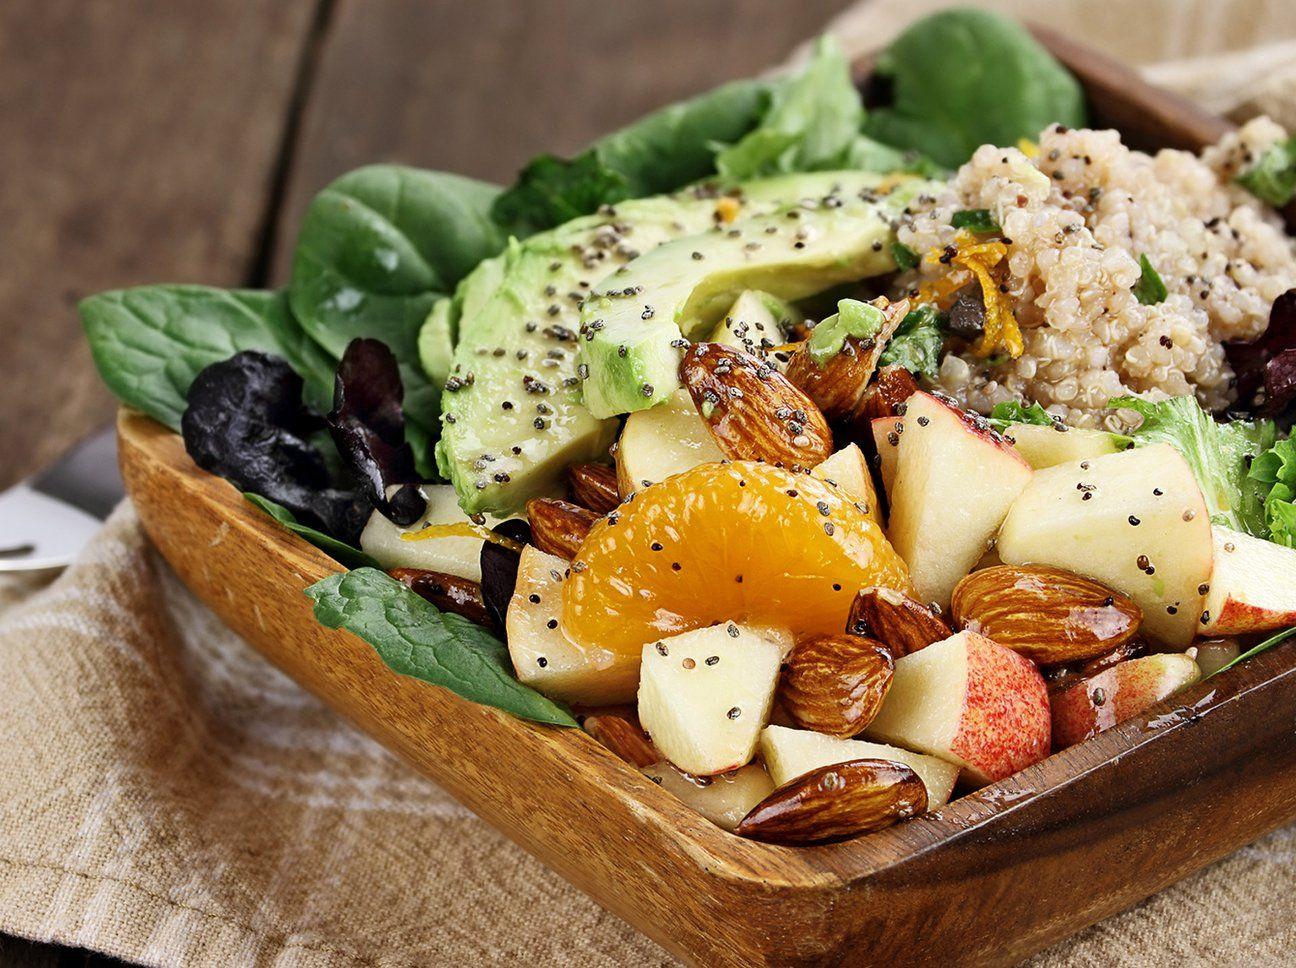 Ballaststoffreiche, fettarme Ernährung